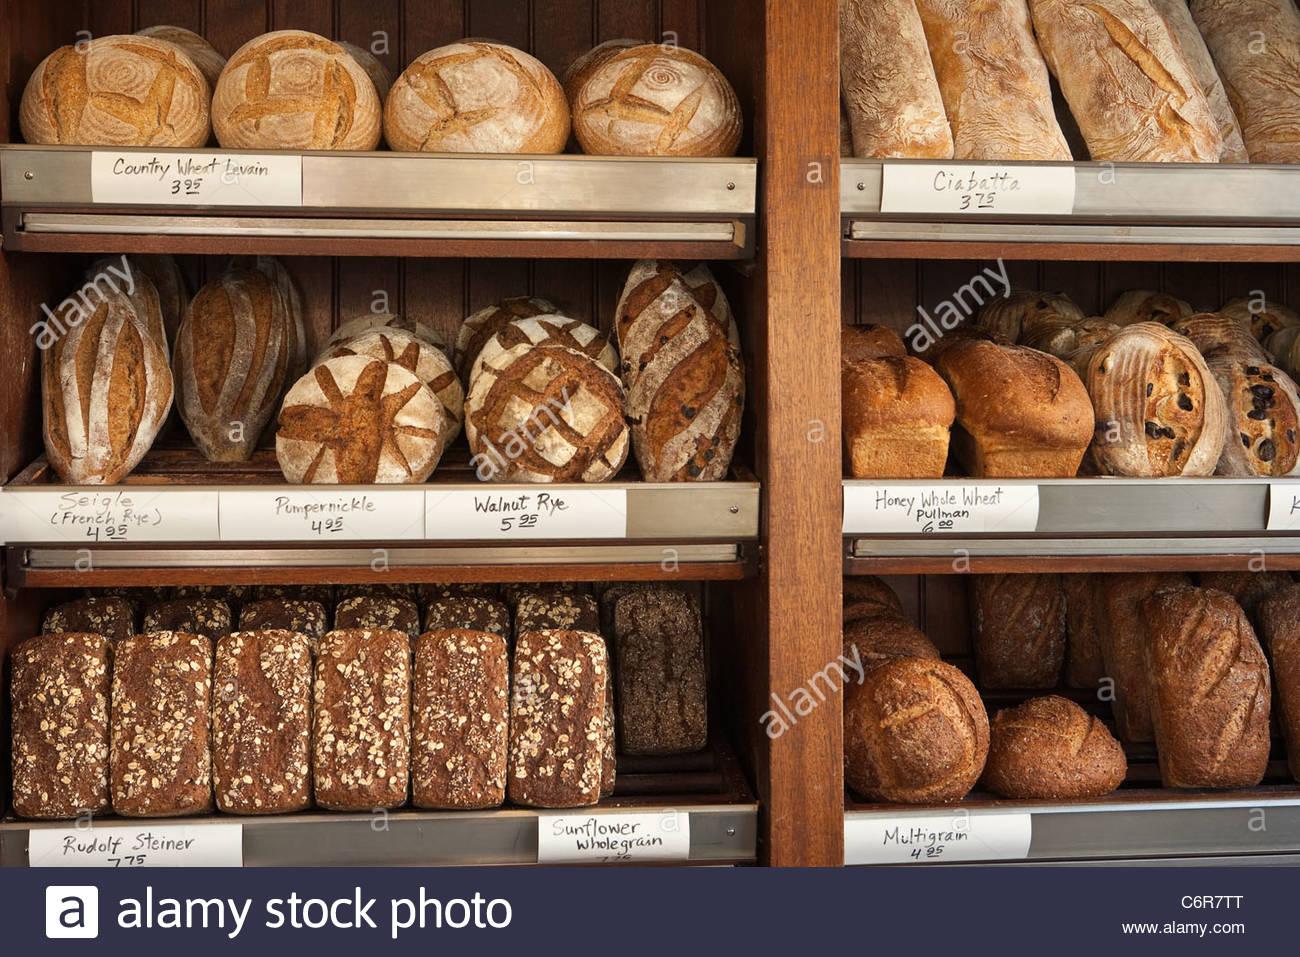 etageres-de-pain-d-angelo-et-patisserie-pain-santa-barbara-californie-etats-unis-d-amerique-c6r7tt.jpg